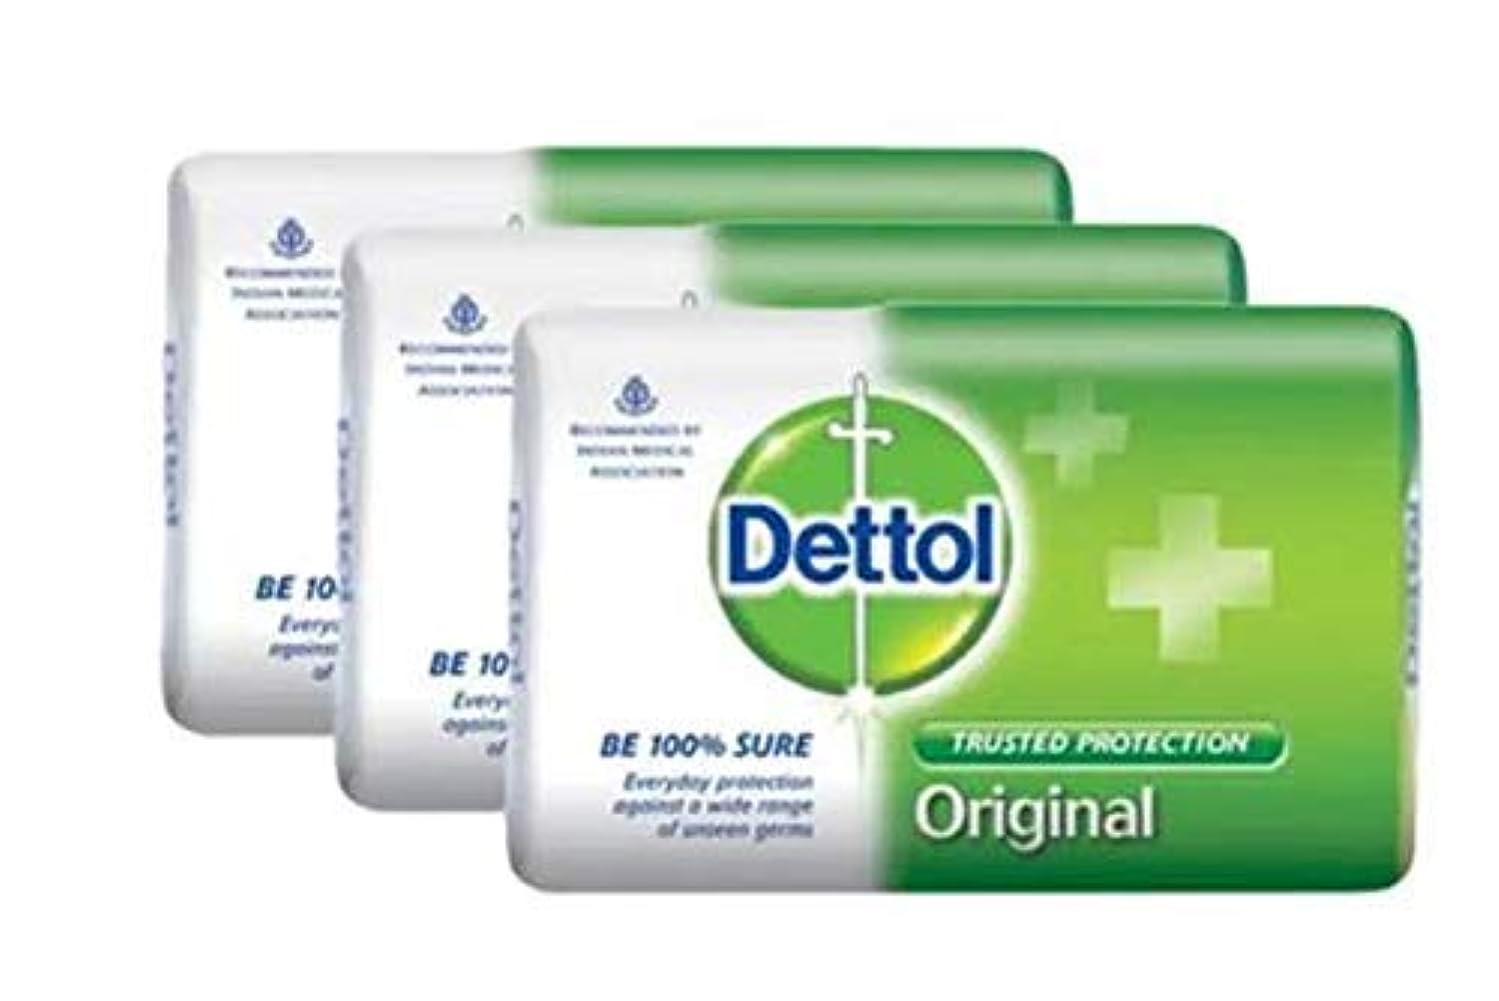 従うアトラススクラブDettol 固形石鹸オリジナル4x105g-は、信頼Dettol保護から目に見えない細菌の広い範囲を提供しています。これは、皮膚の衛生と清潔を浄化し、保護します